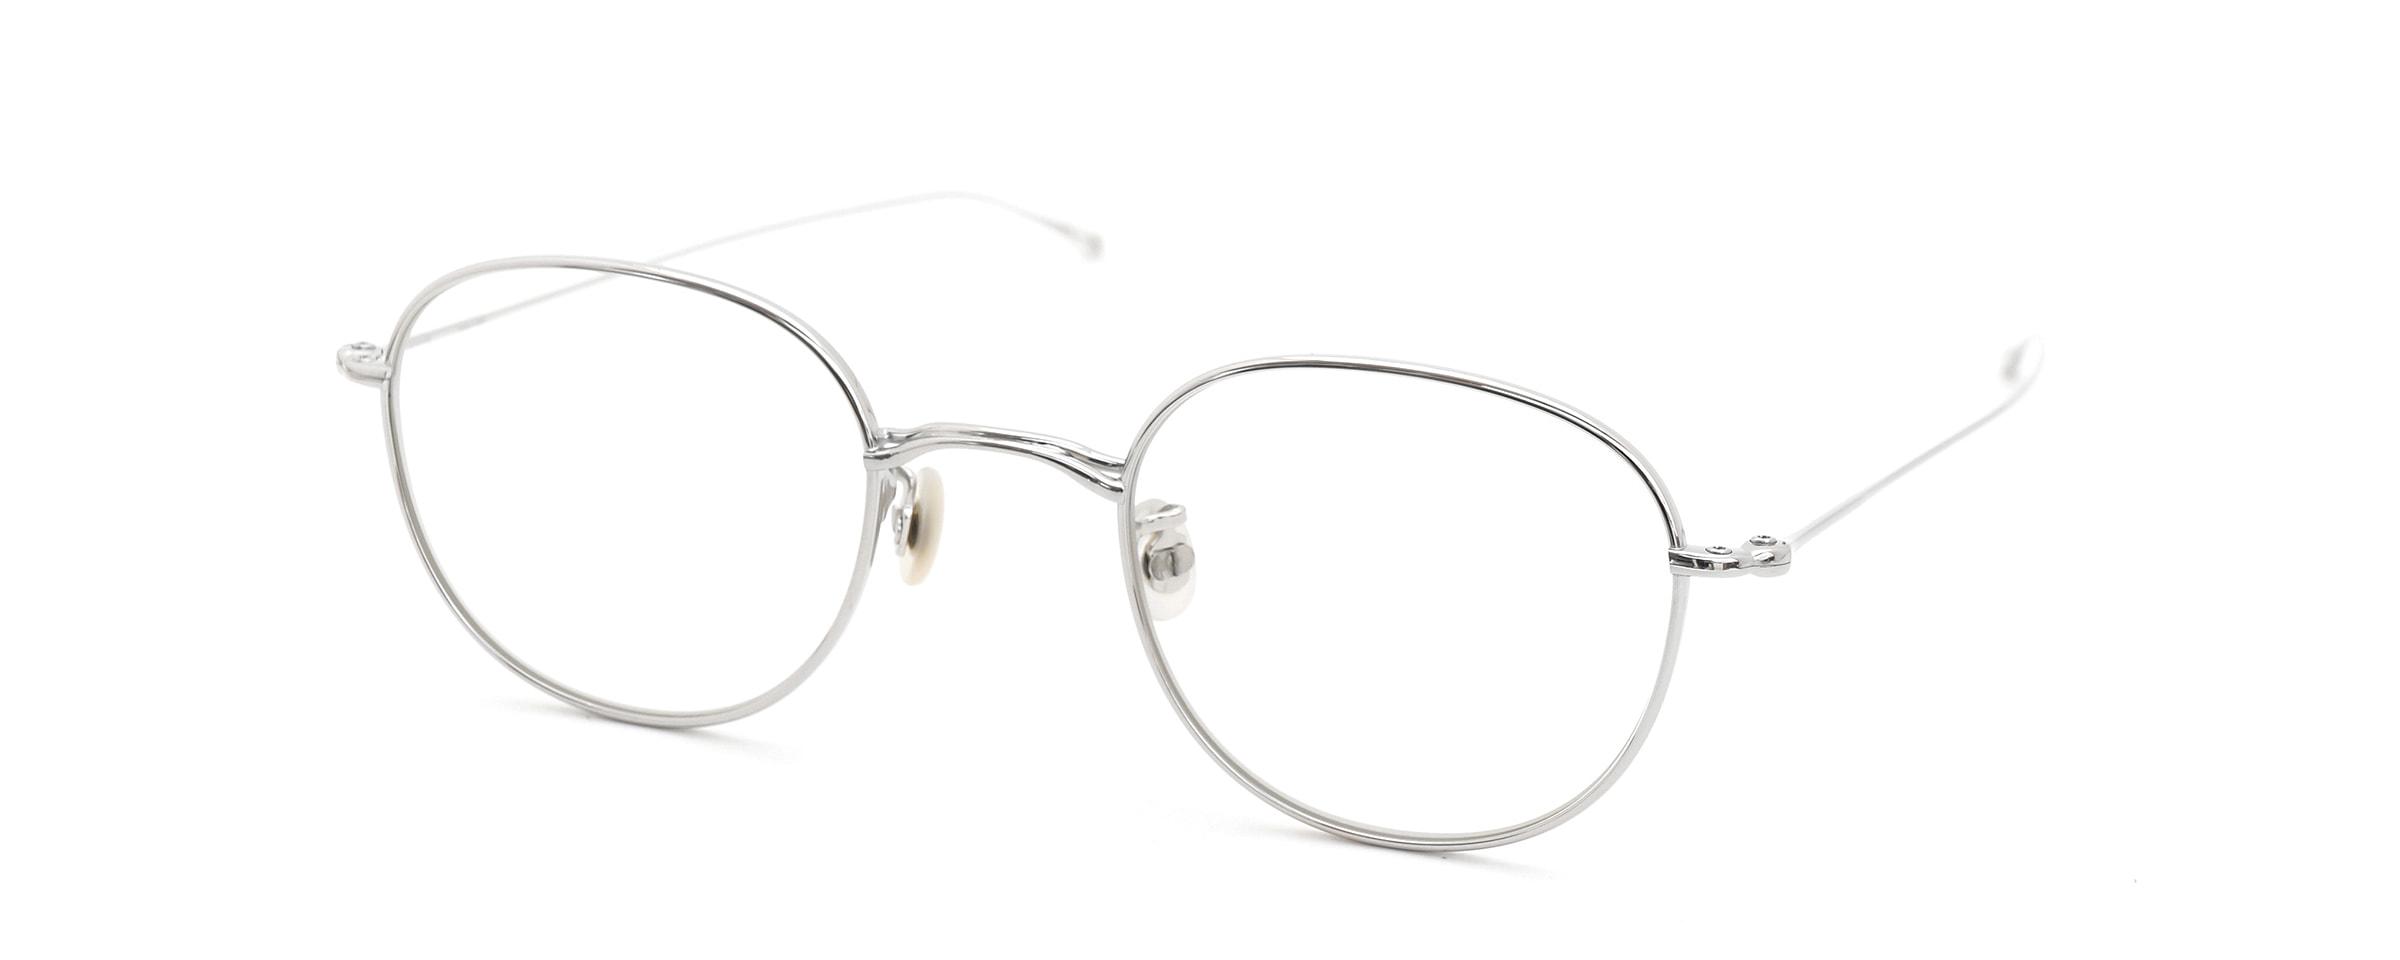 10 eyevan NO.1 1S-CL全体像